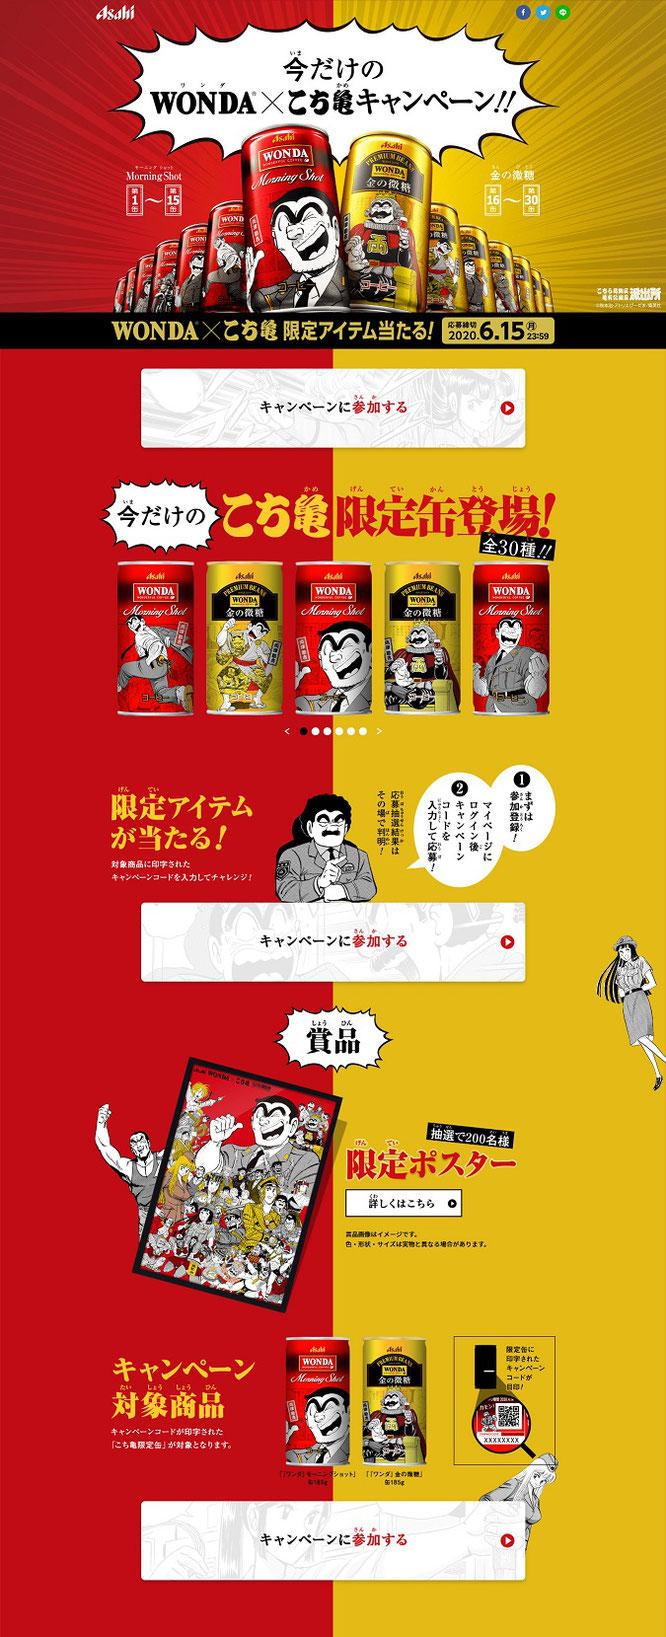 【アサヒ飲料】WONDA こち亀キャンペーン